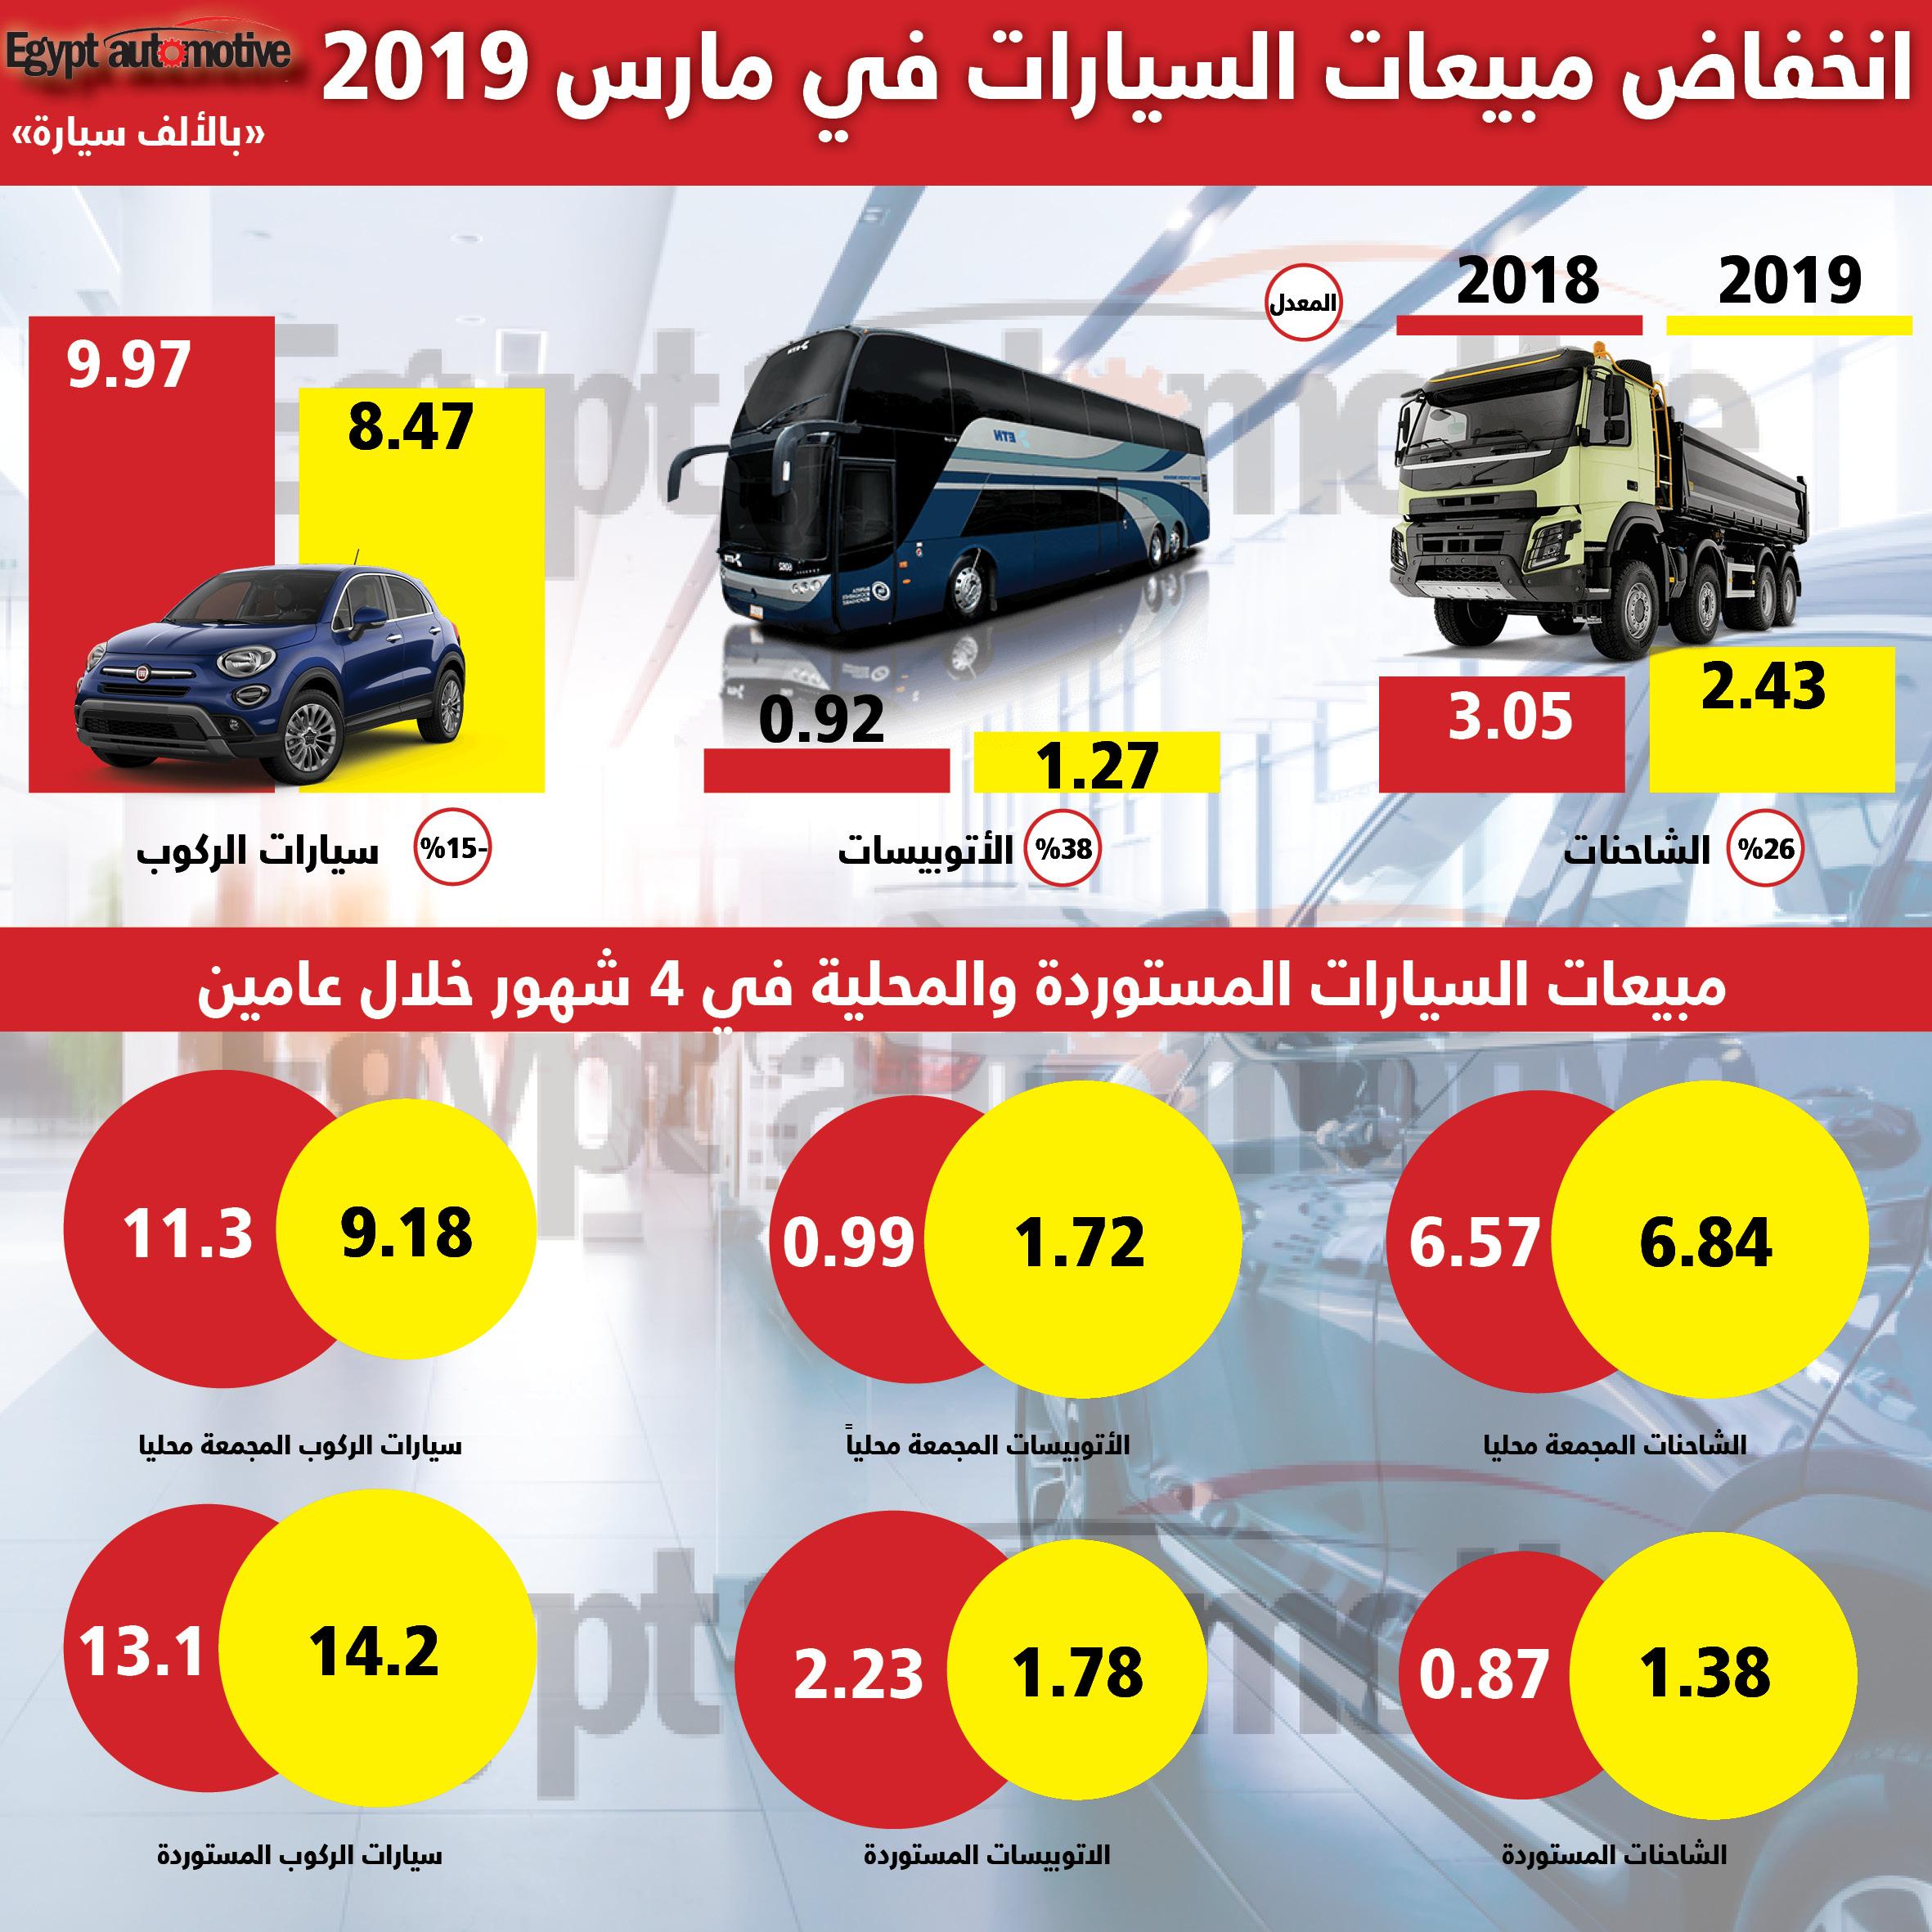 انخفاض مبيعات السيارات في مارس 2019